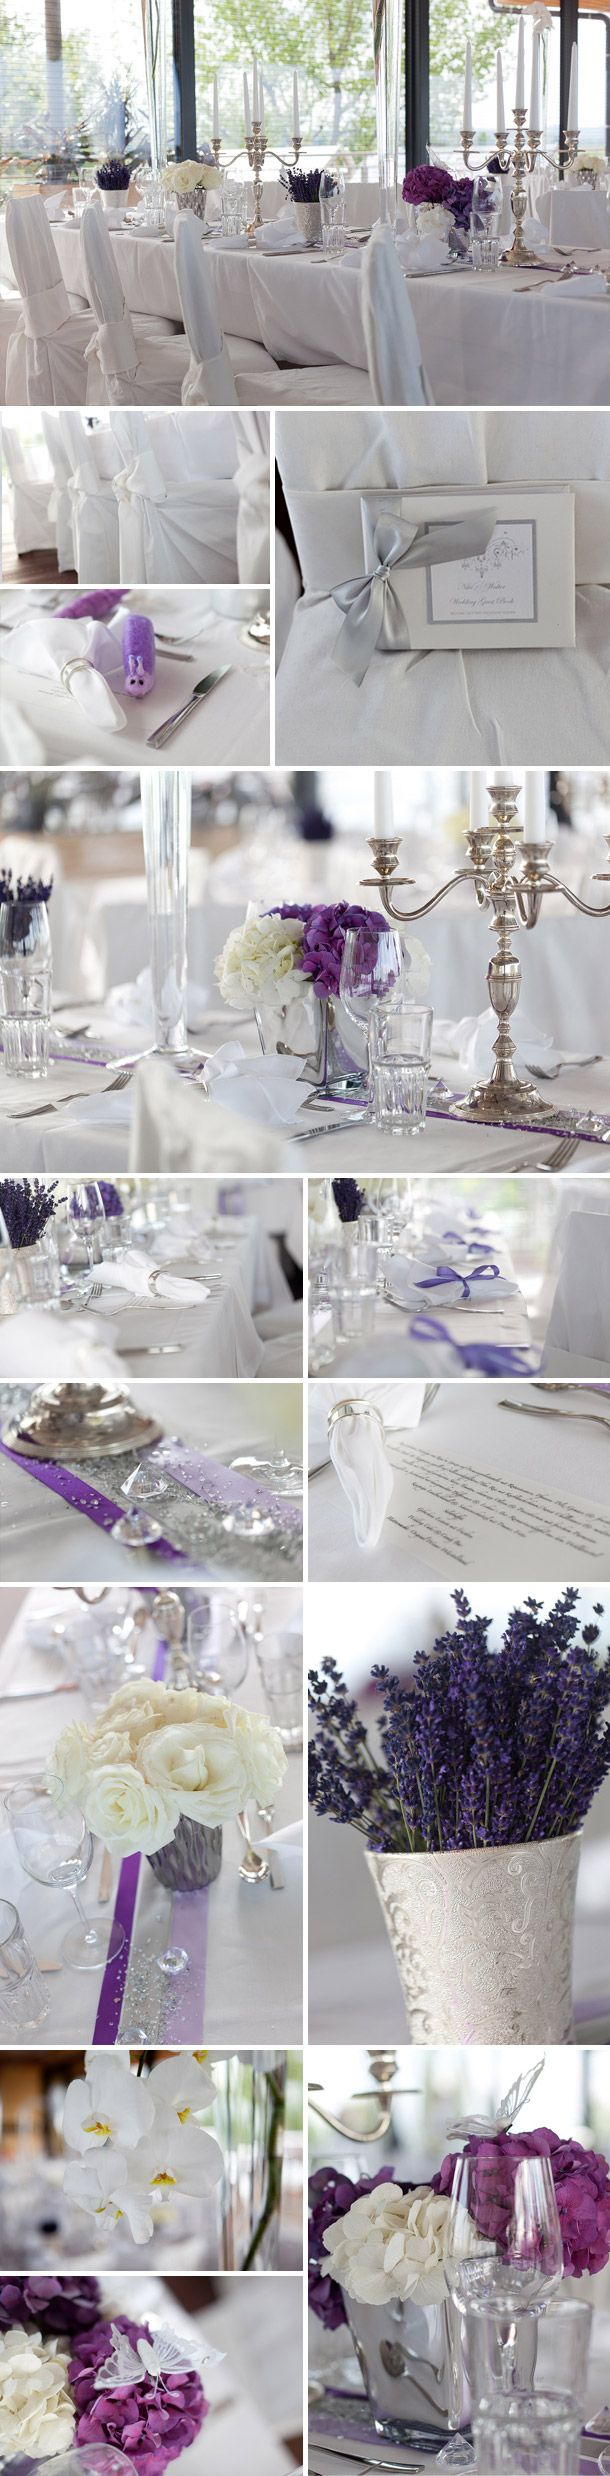 Jo: Dezente lila Deko, glaub das find ich am schönsten, auch mit lavendel und so :)